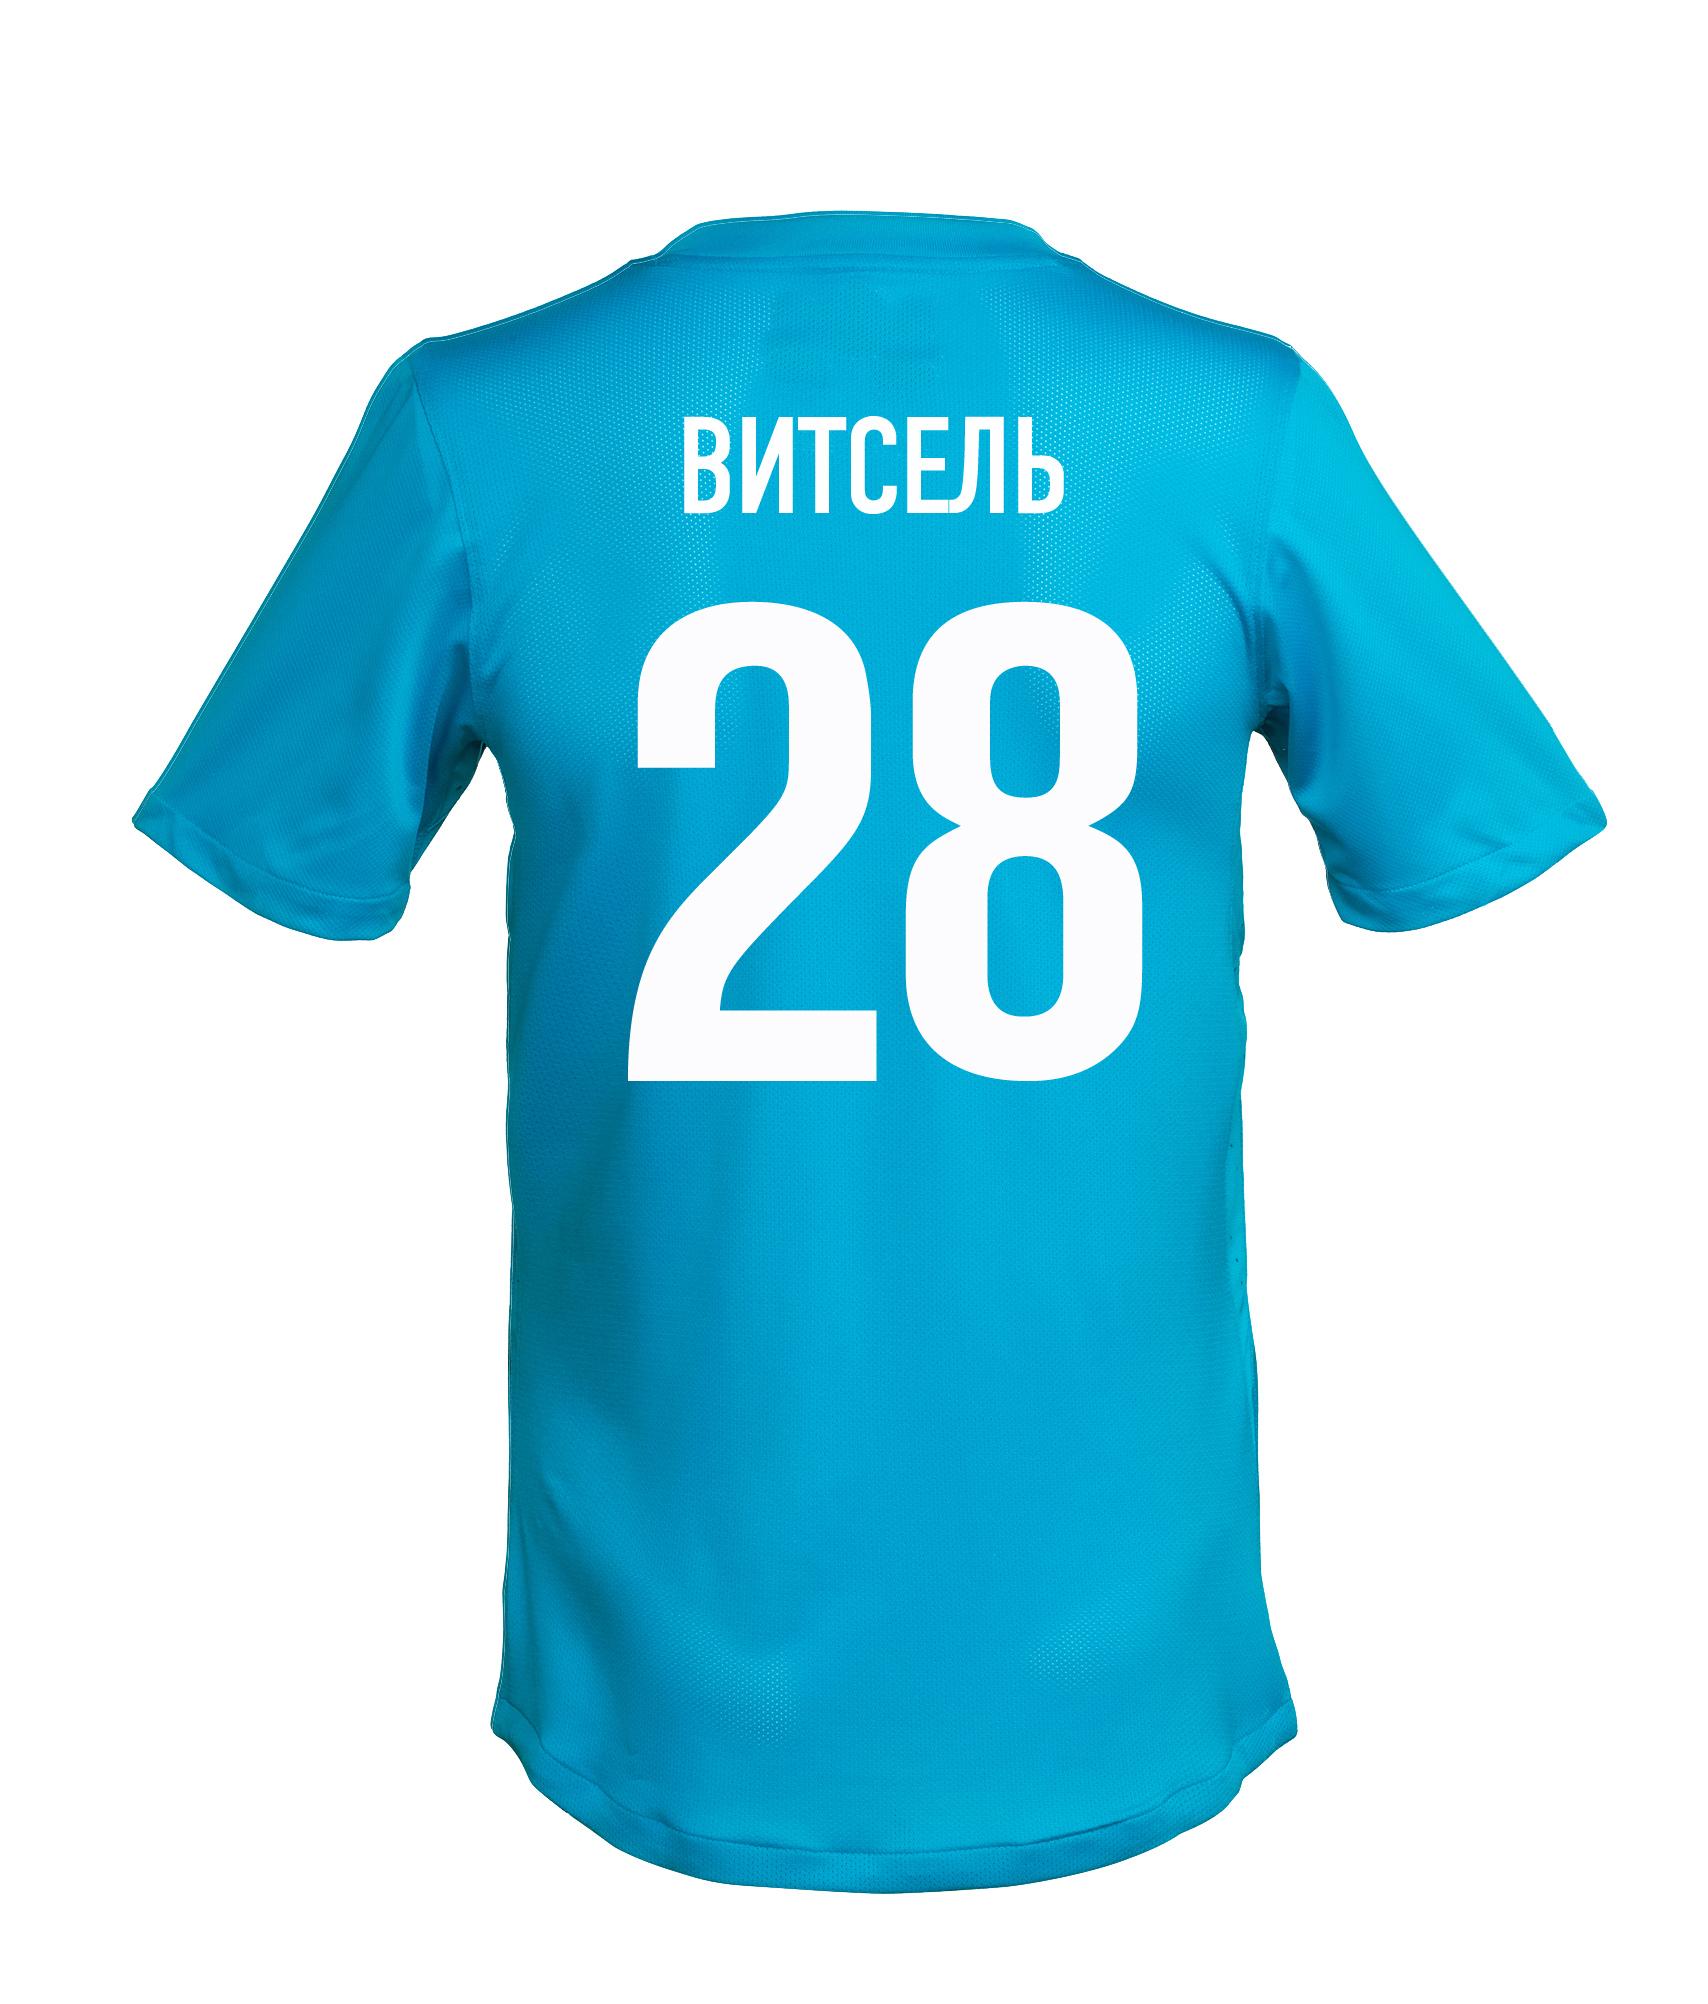 Игровая футболка с фамилией и номером А. Витселя, Цвет-Синий, Размер-M